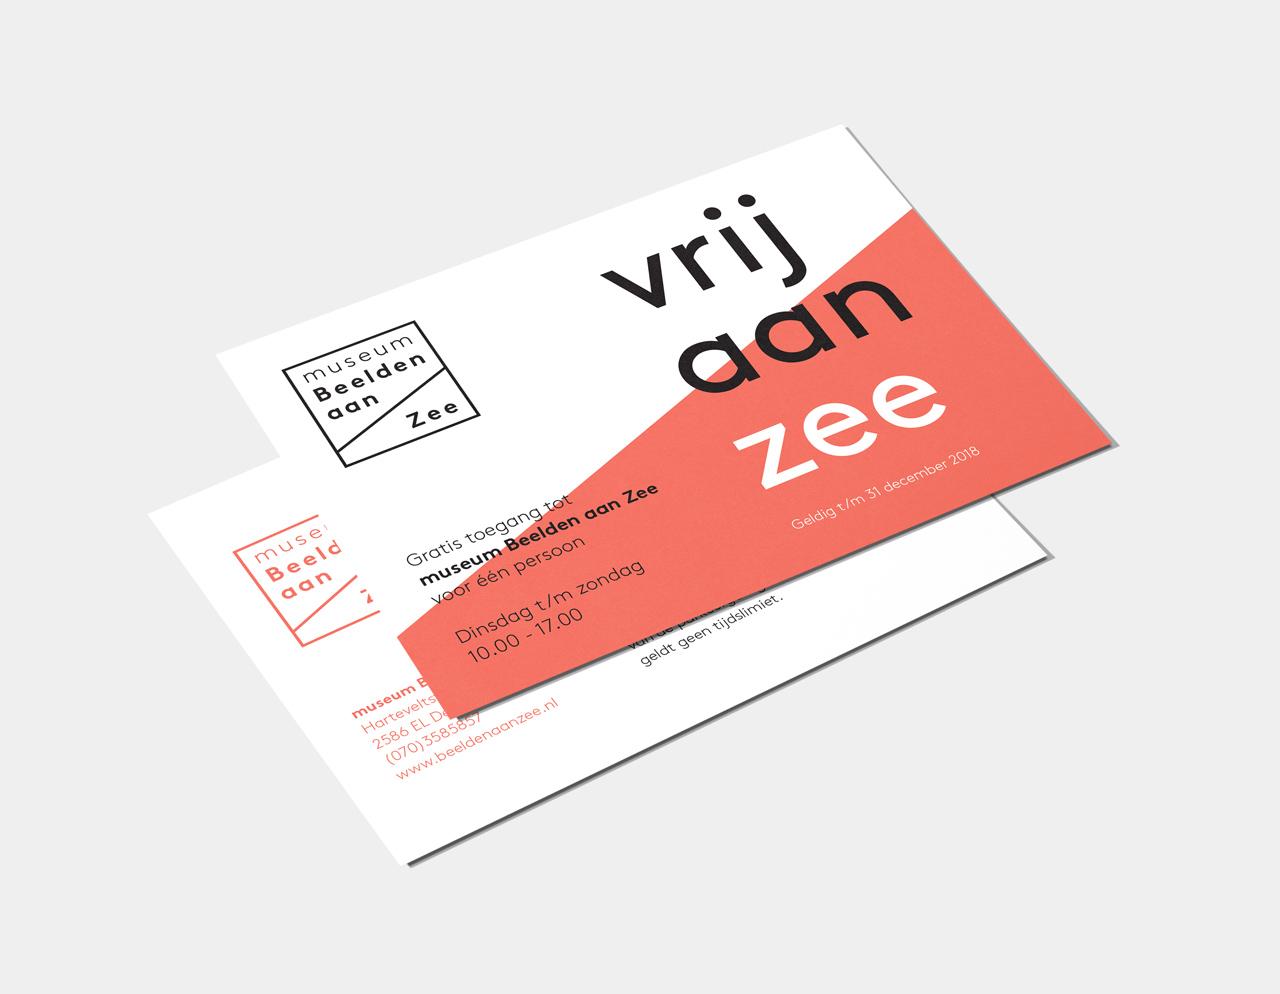 Museum Beelden aan Zee vrijkaart – Studio Mooijman en Mittelberg, Grafisch ontwerpbureau, Den Haag